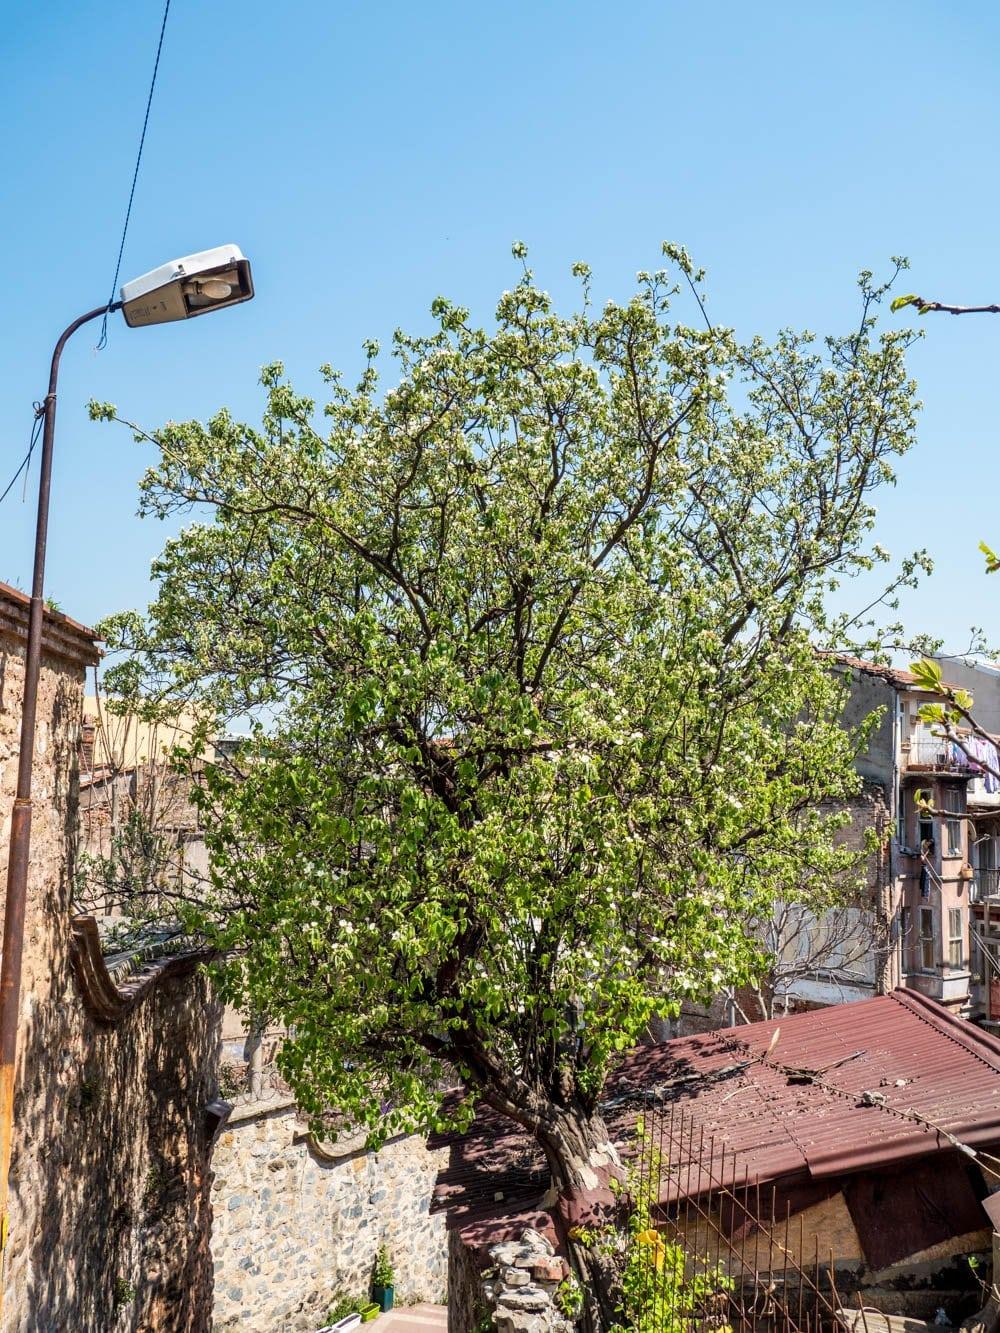 Kvedetre i grønn blomst i Fener / Balat, Istanbul